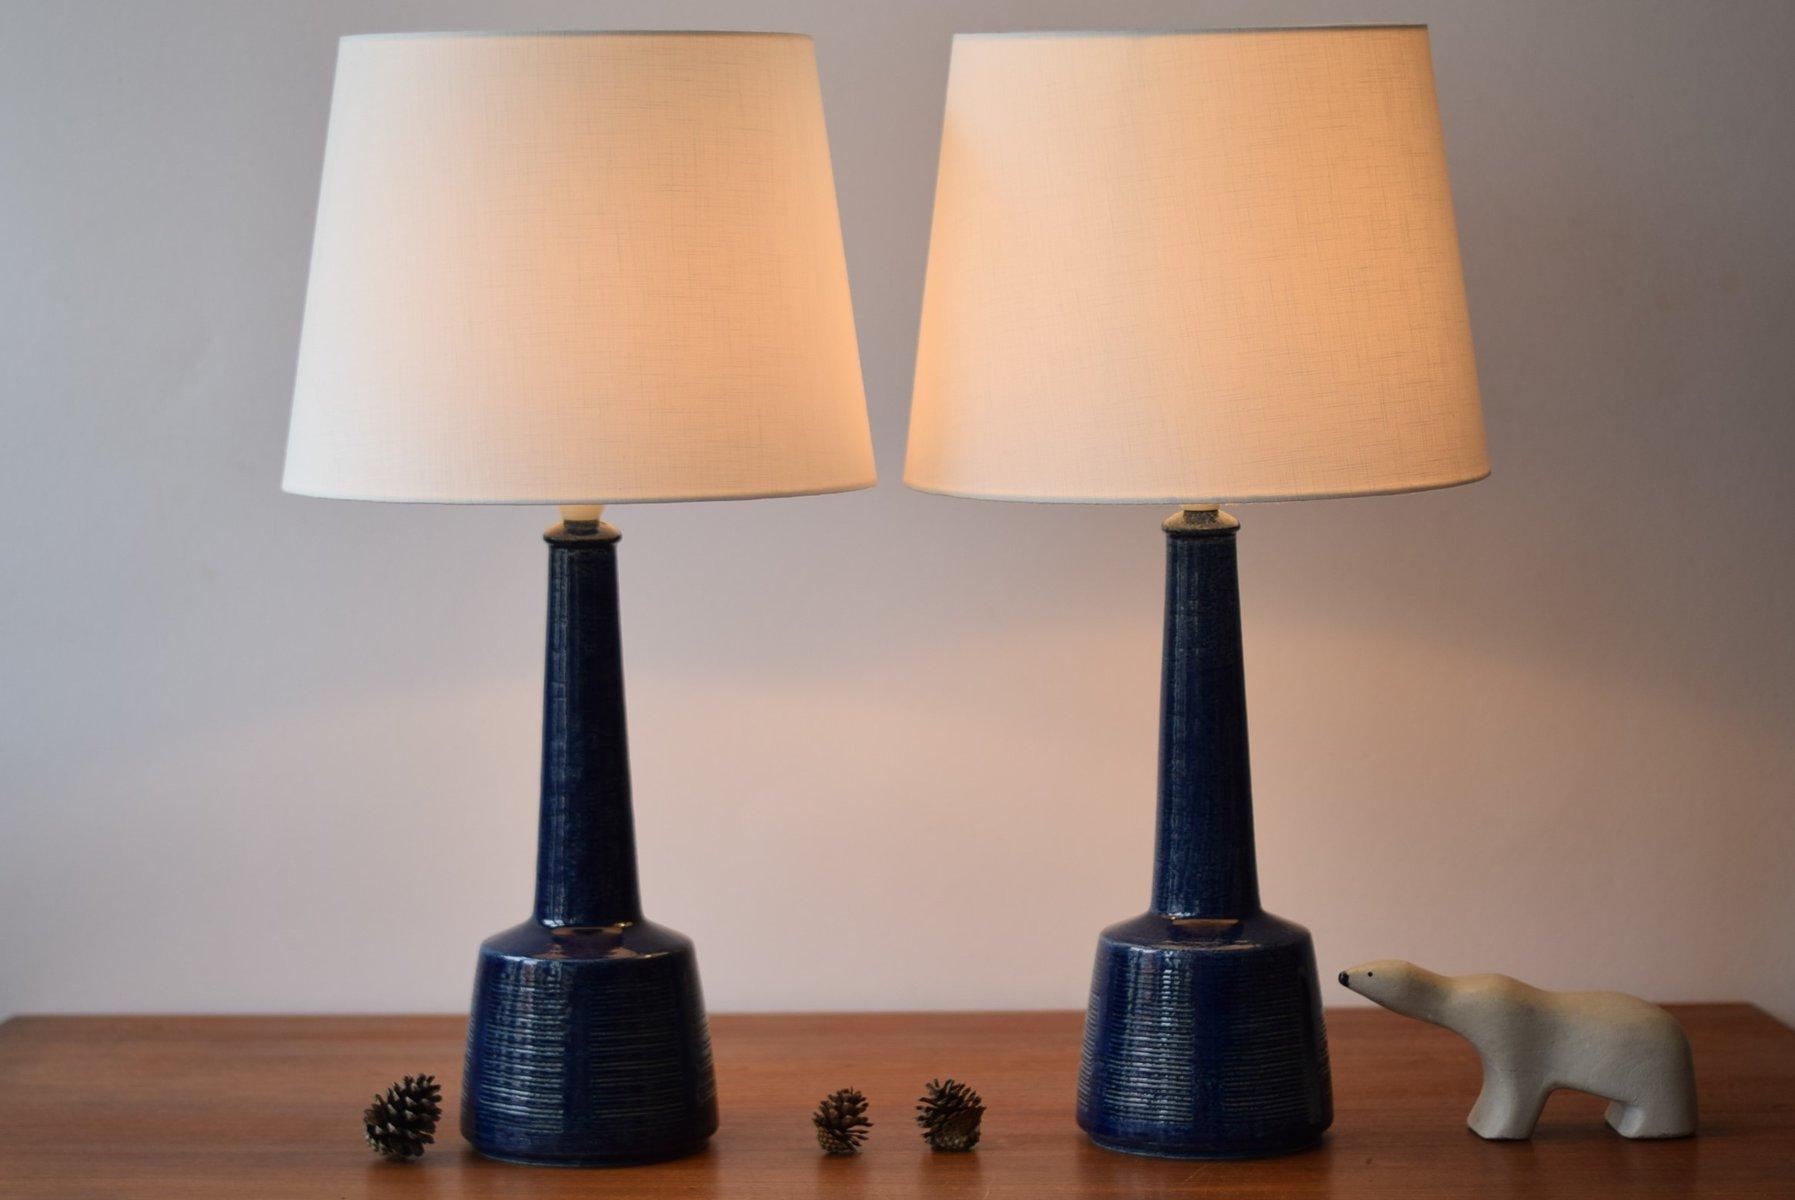 lampes de bureau bleues scandinaves par esben klint pour palshus 1960s set de 2 3 Résultat Supérieur 60 Beau Lampe De Bureau Vintage Photos 2018 Lok9